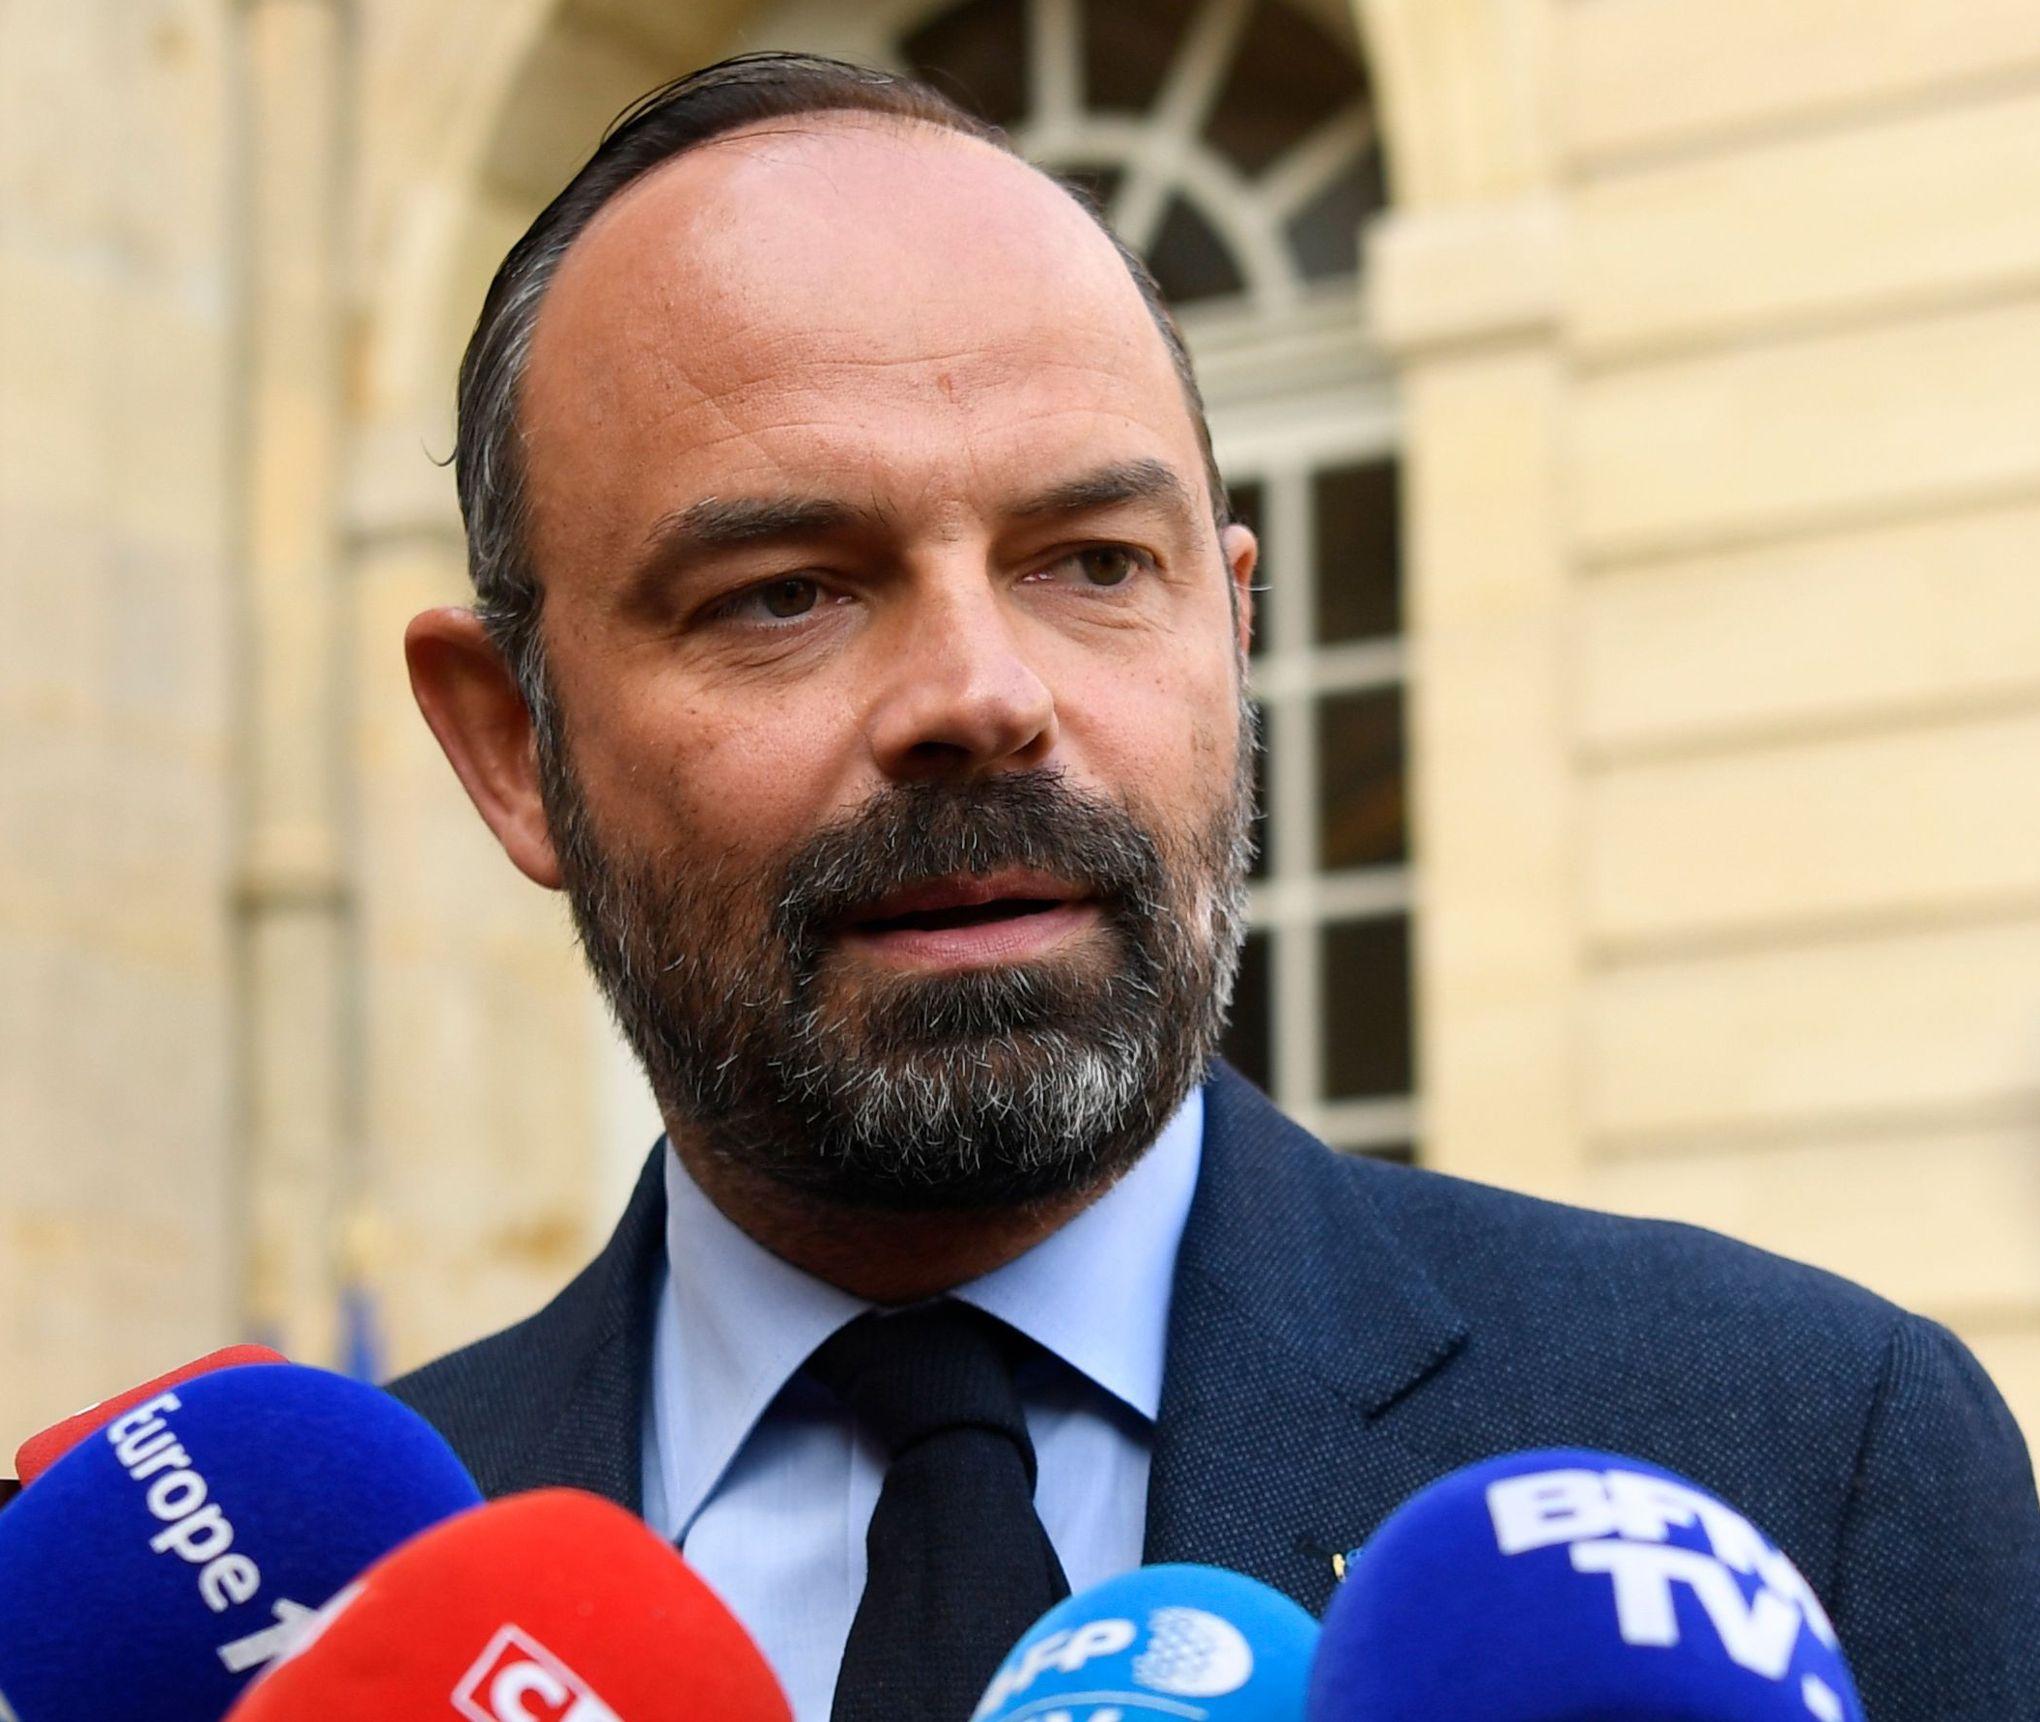 Calendrier Macron 2019.Plan Macron Edouard Philippe Precise Le Calendrier Des Reformes